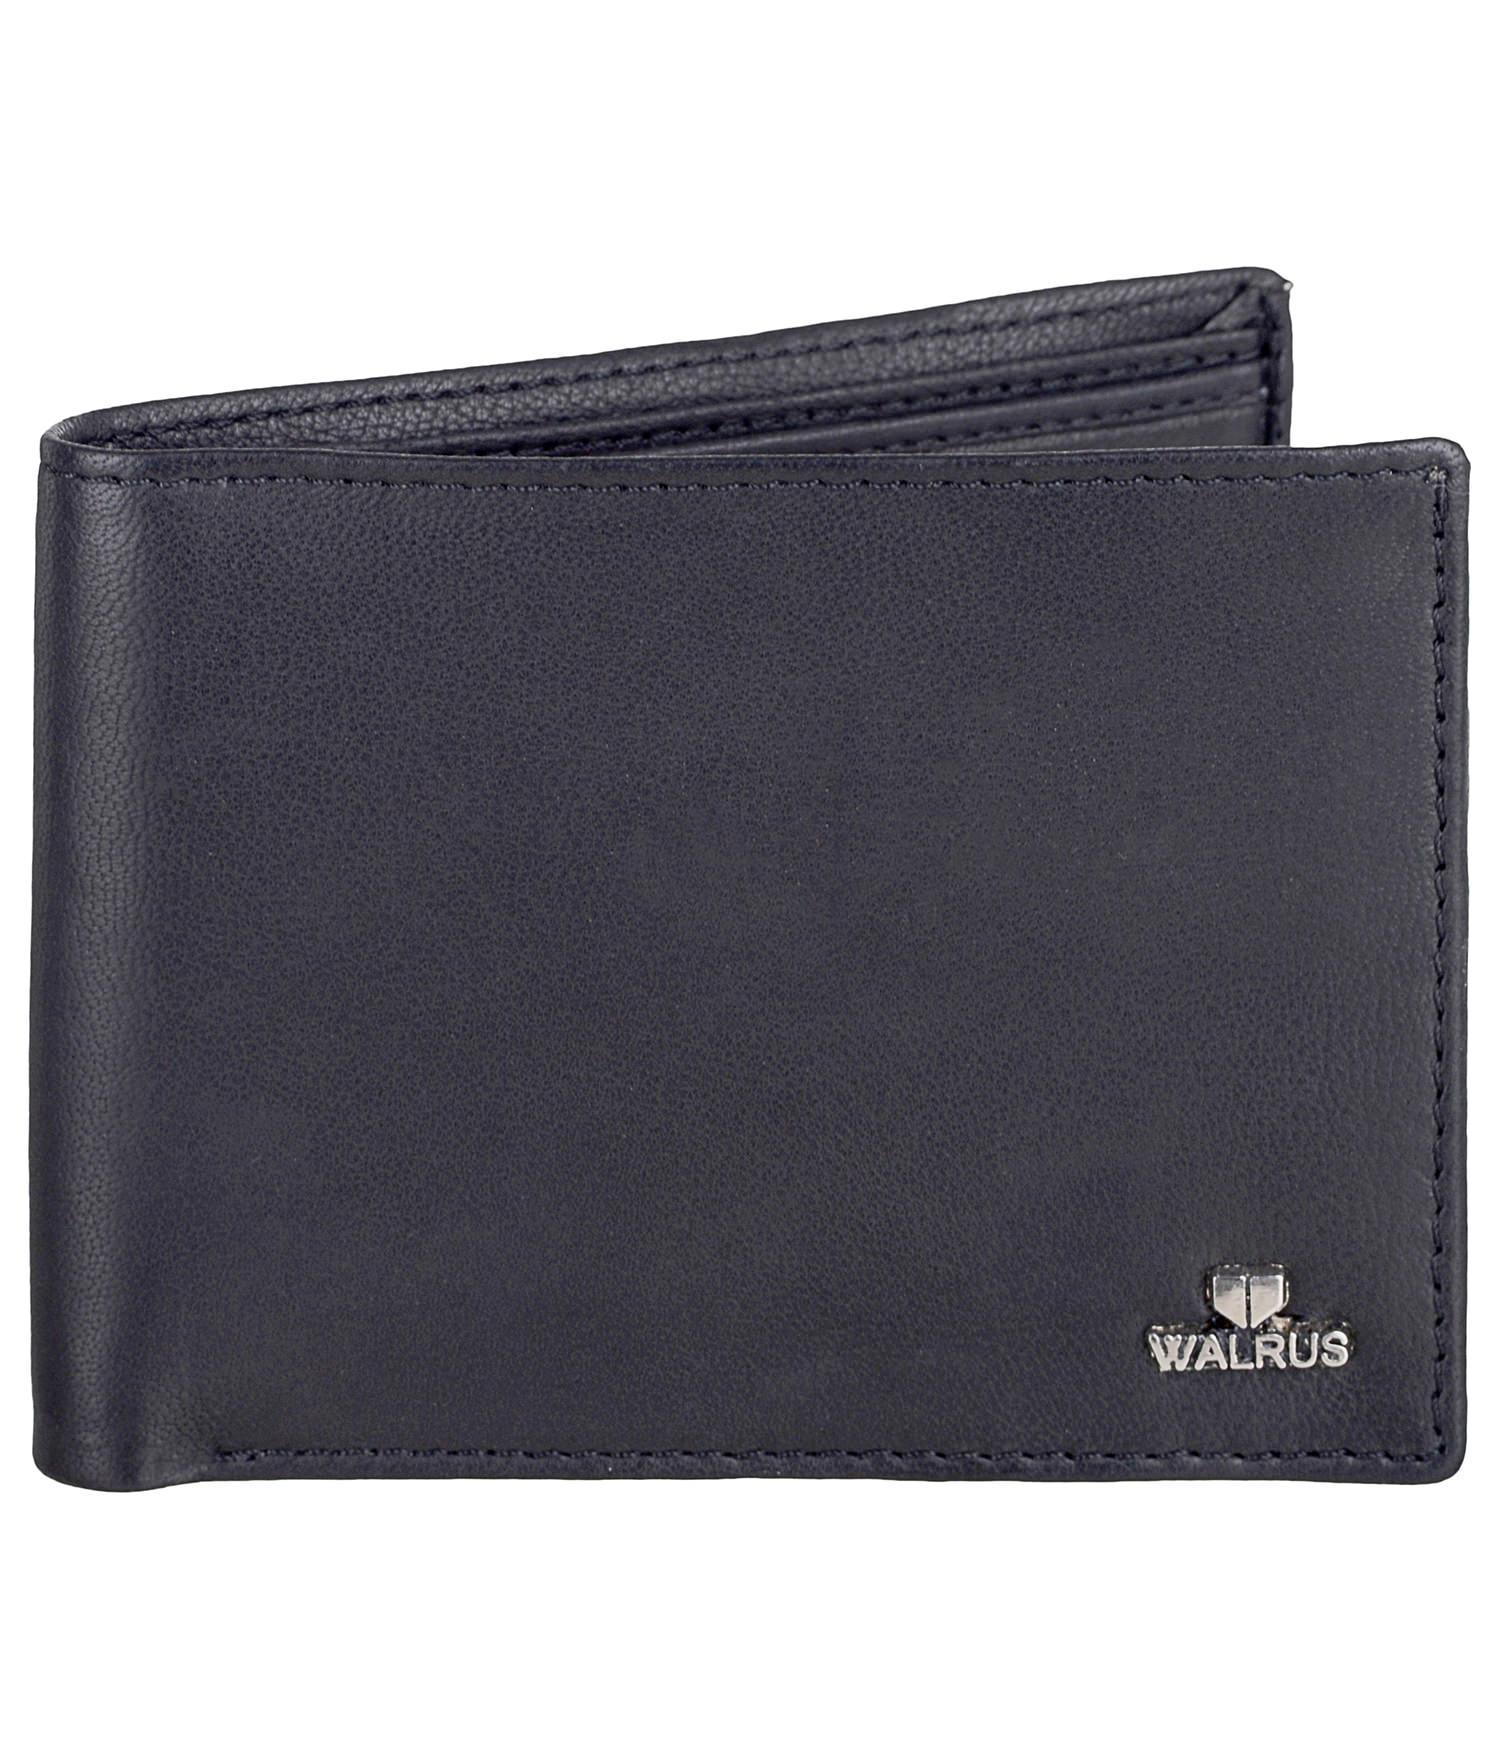 Walrus | Walrus Soft Black Vegan Leather Men Wallet.